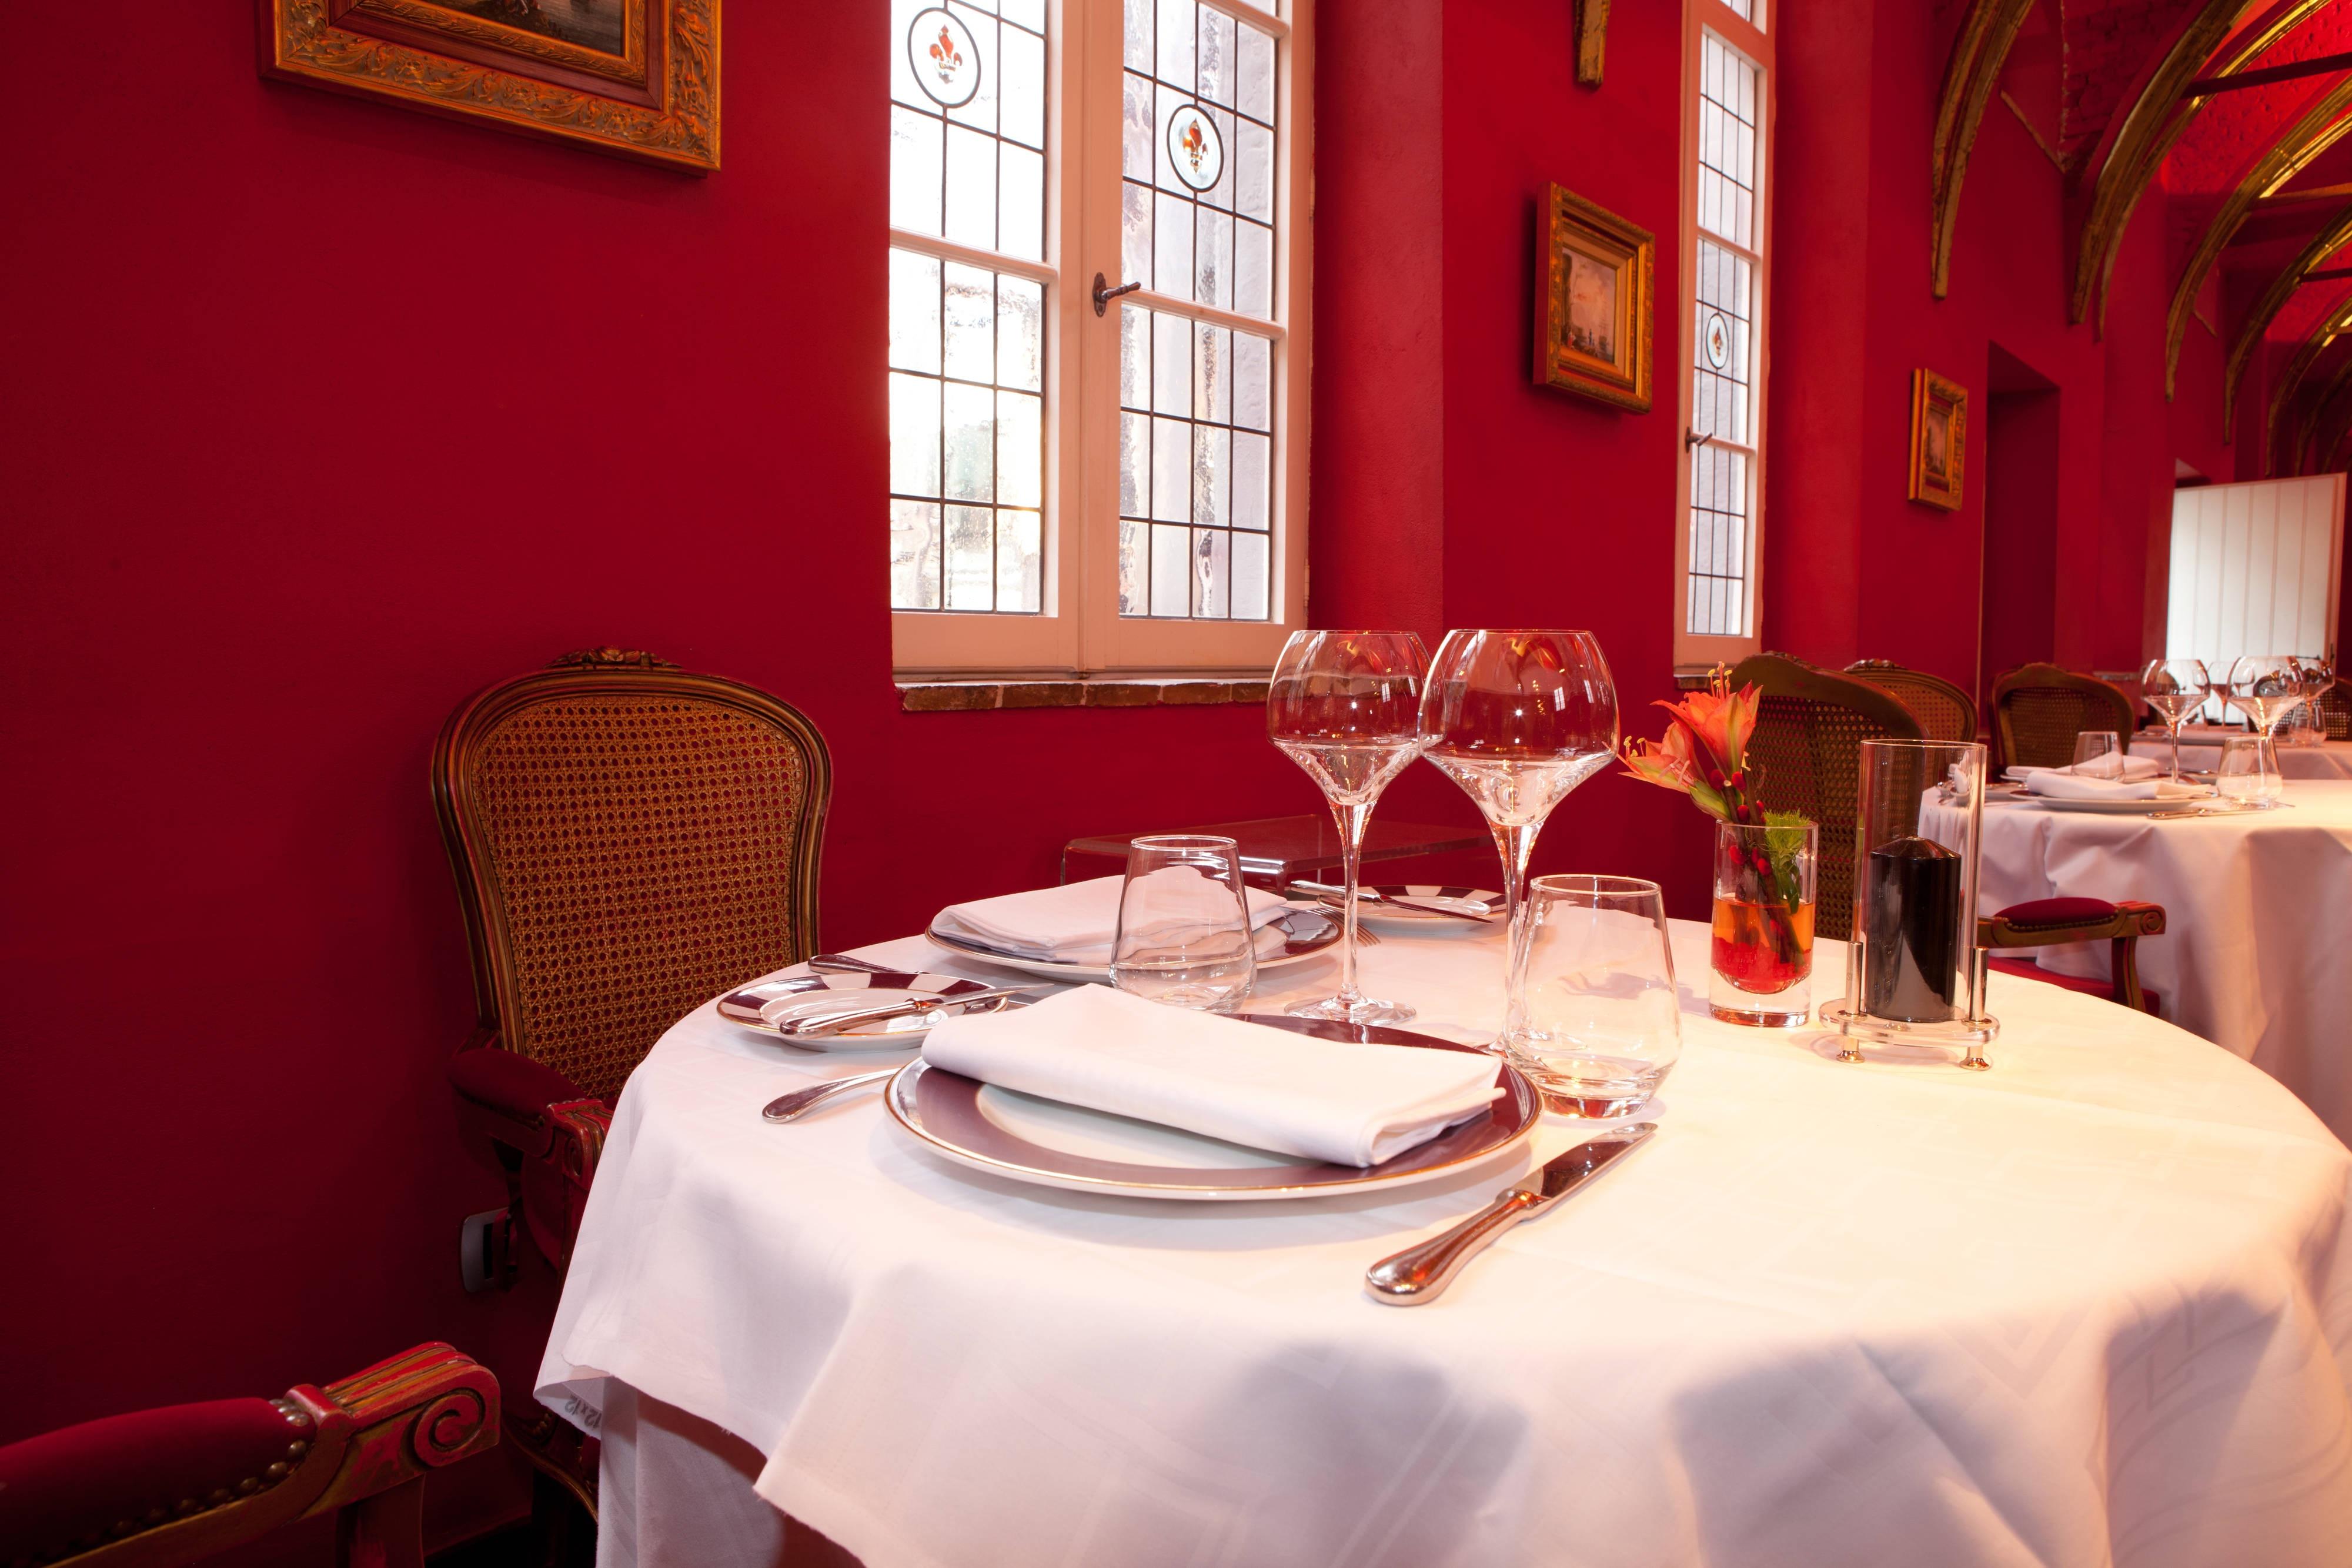 Restaurant gastronomique de l'hôtel Hermitage Gantois